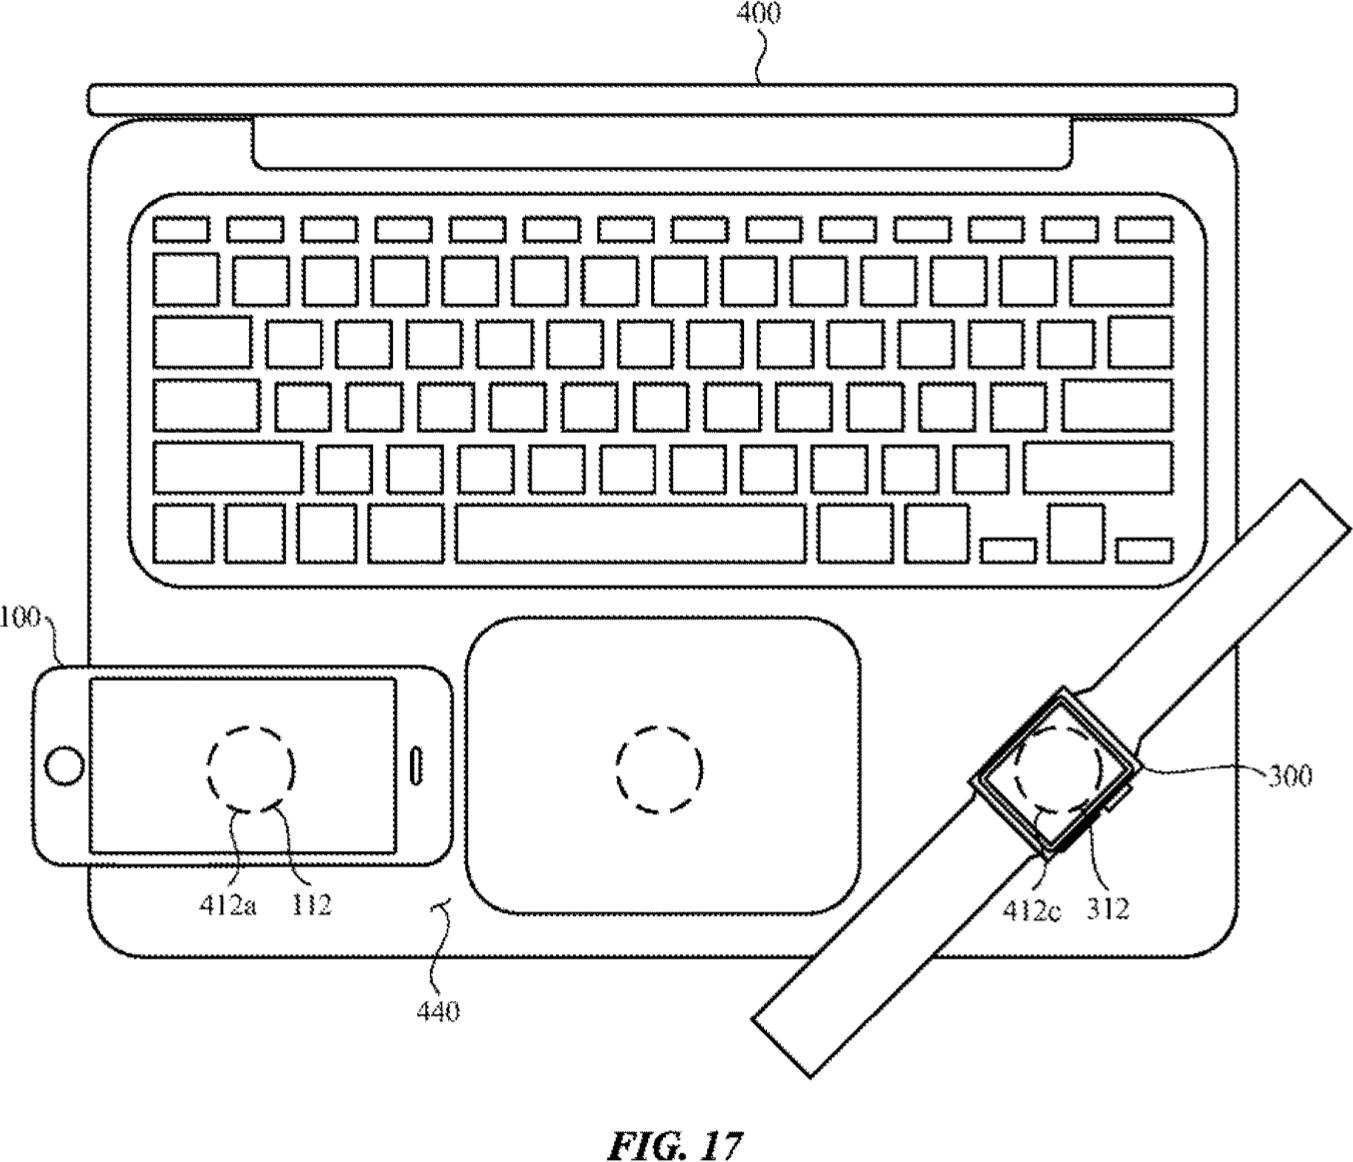 Patente de carregamento sem fio da Apple